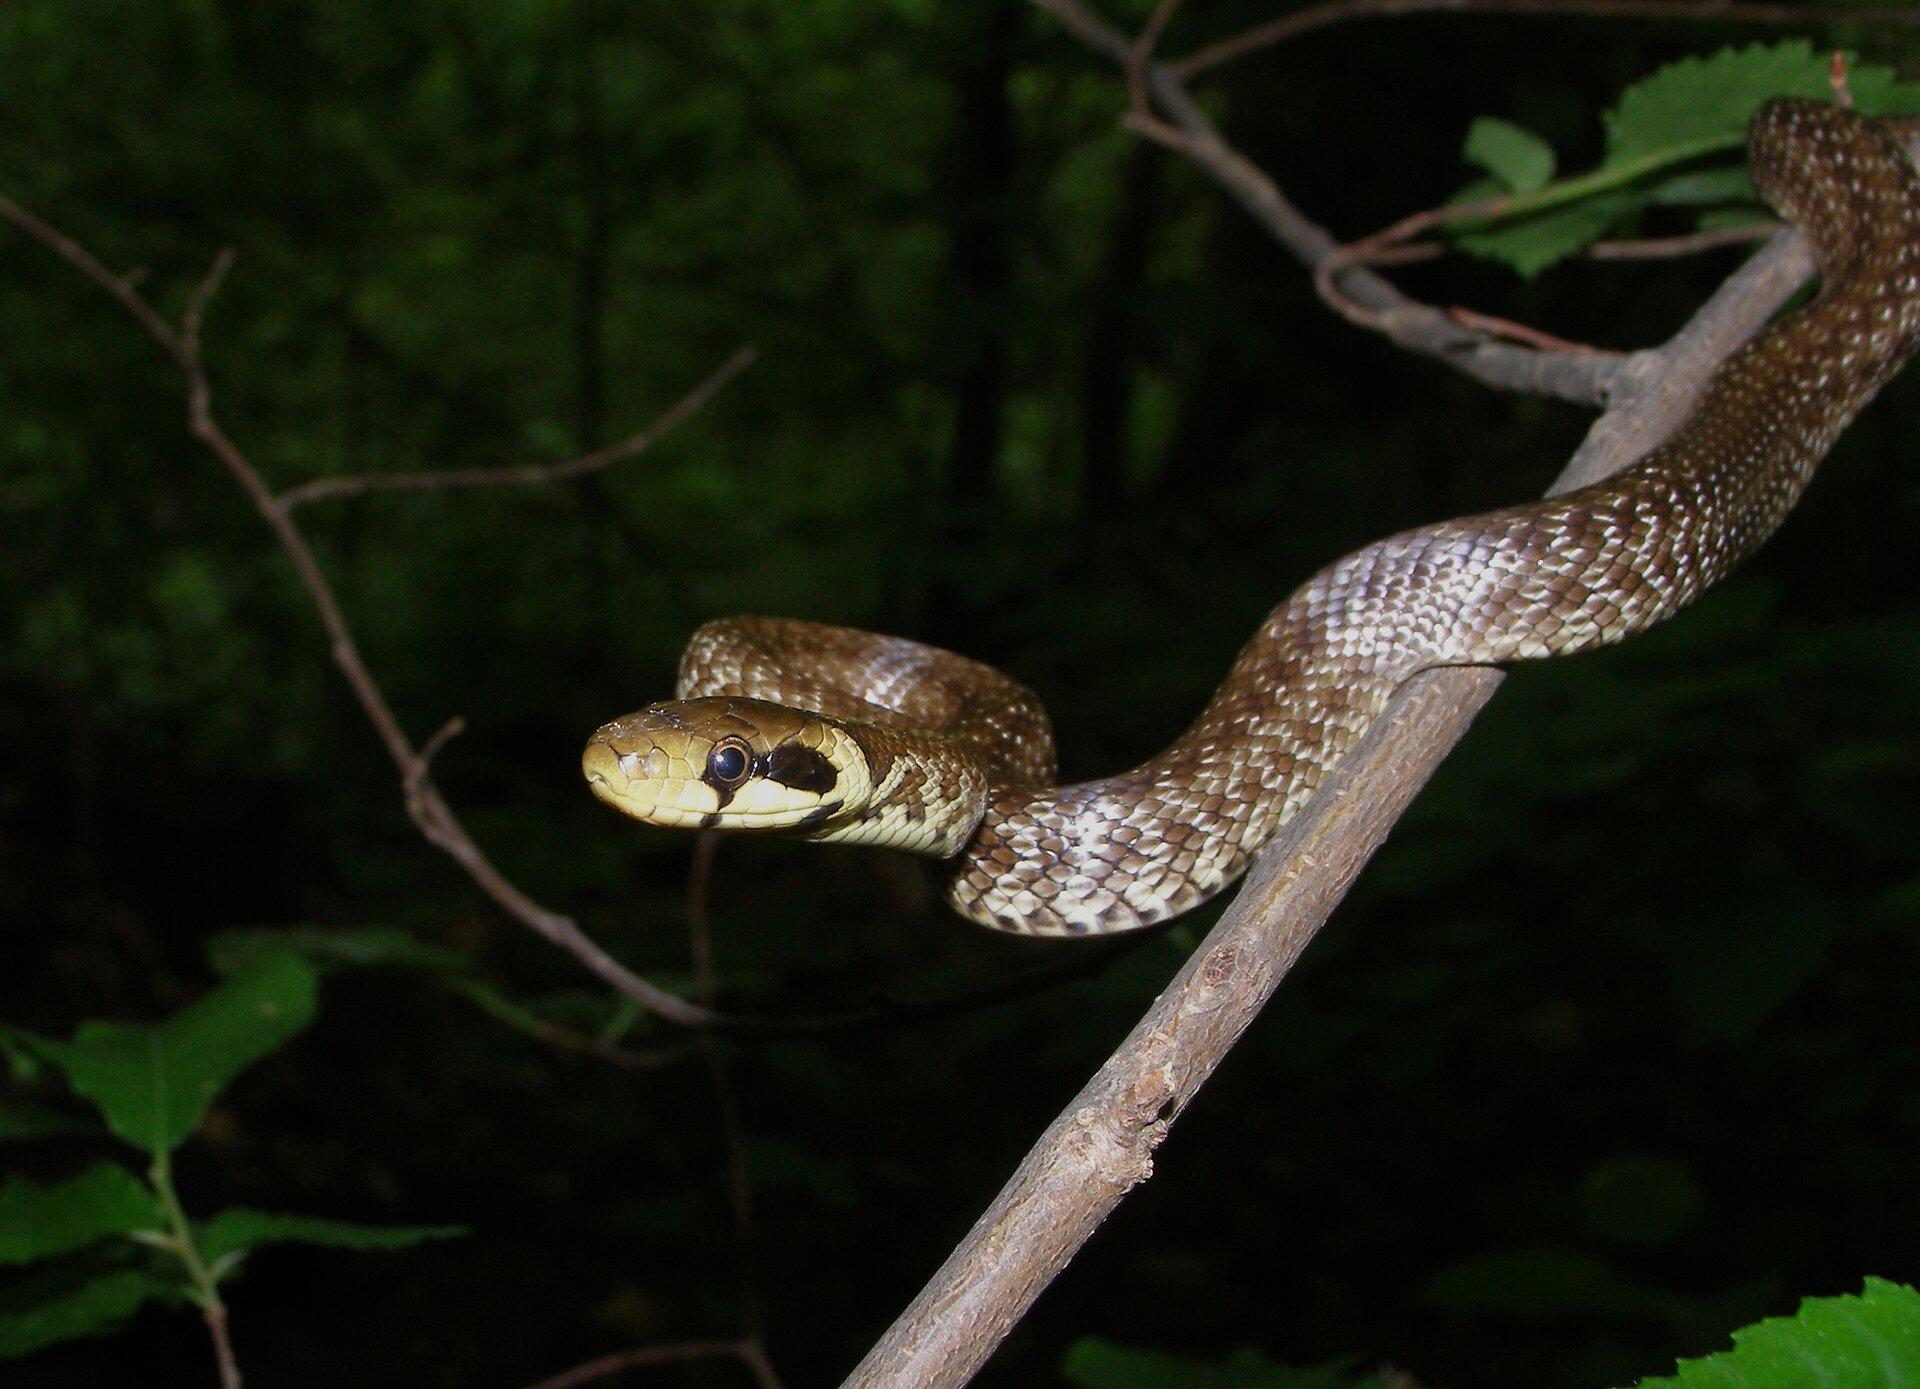 Fotografia wykonana wnocy, zlampą, przedstawia węża pełznącego po cienkiej, ukośnej gałęzi. Wąż Eskulapa ma głowę iczęść tułowia poziomo wlewo, poza gałęzią. Ubarwienie brązowe na grzbiecie, na brzuchu jasne. Głowa zokrągłym okiem iwyraźną, ciemnobrązową plamą za nim. To największy wąż wPolsce.